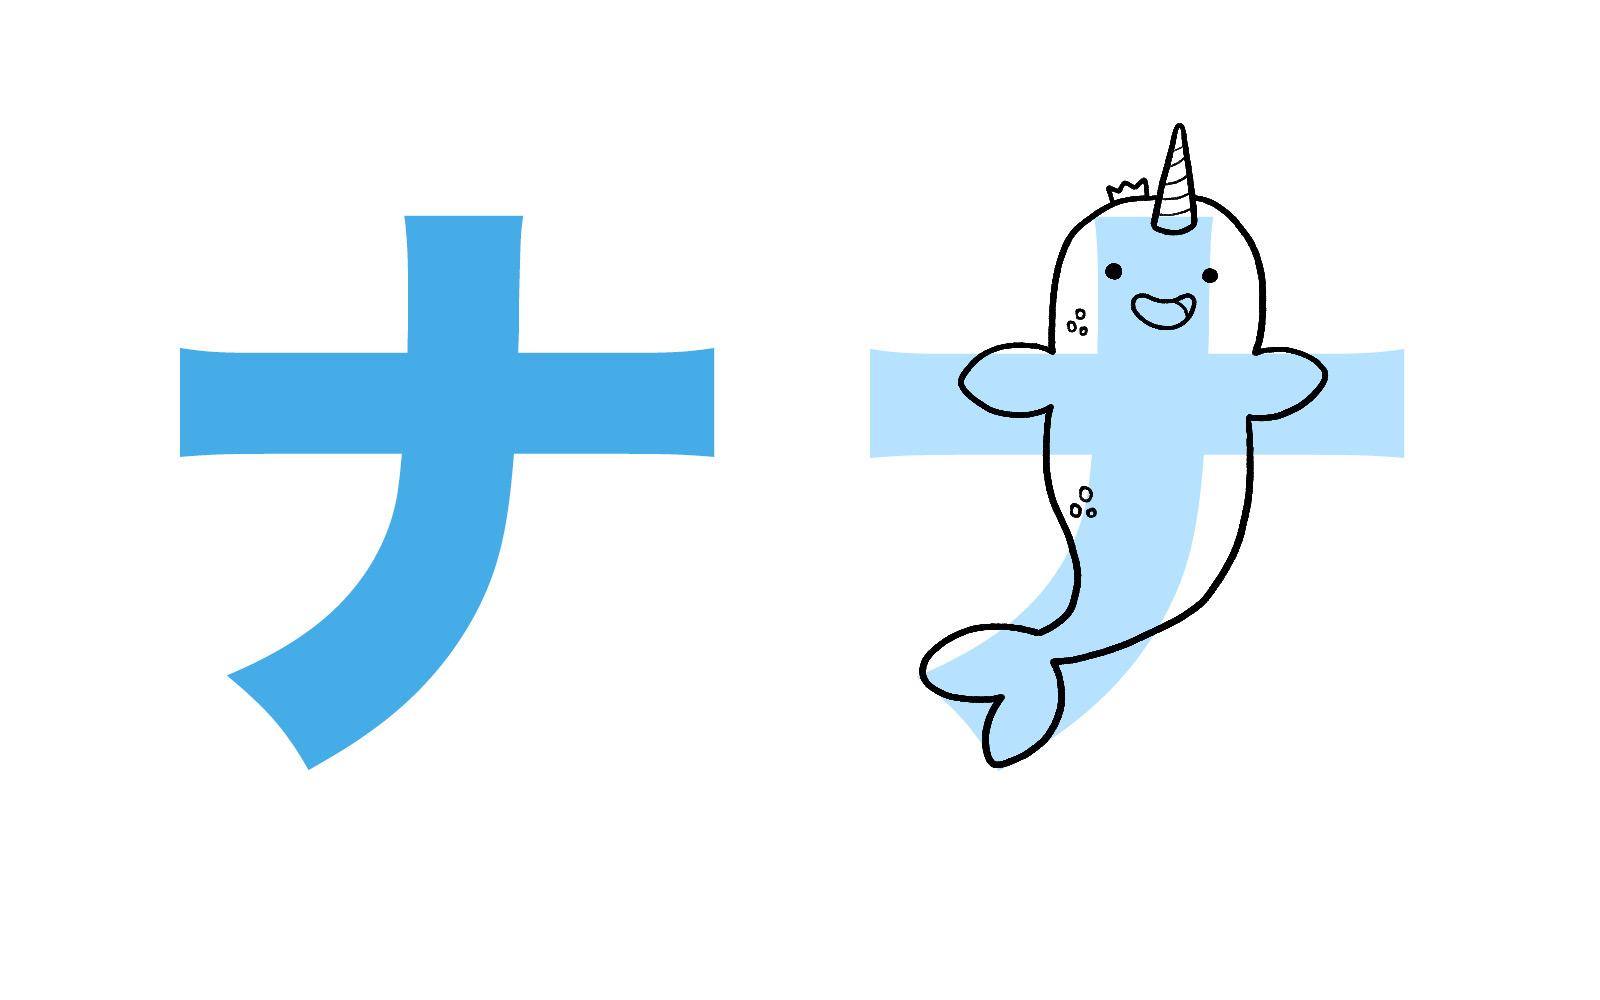 Katakana character ナ mnemonic